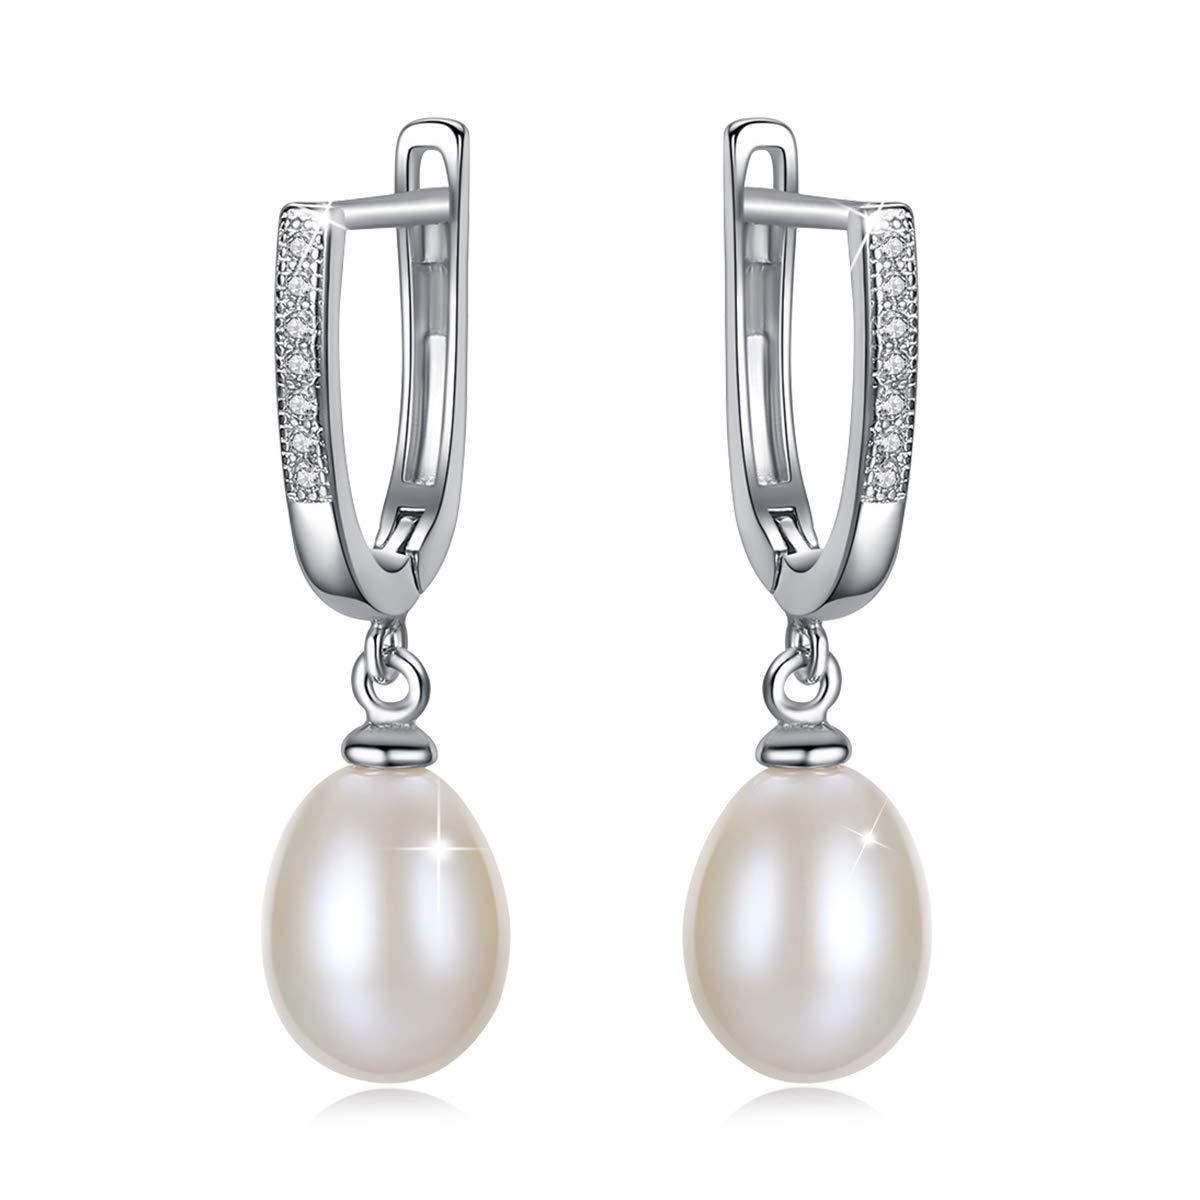 PEARLOVE Freshwater Pearl Hoop Earrings 5A Cubic Zircon 925 Sterling Silver Dangle Channel Set Drop Horseshoe Earring Studs